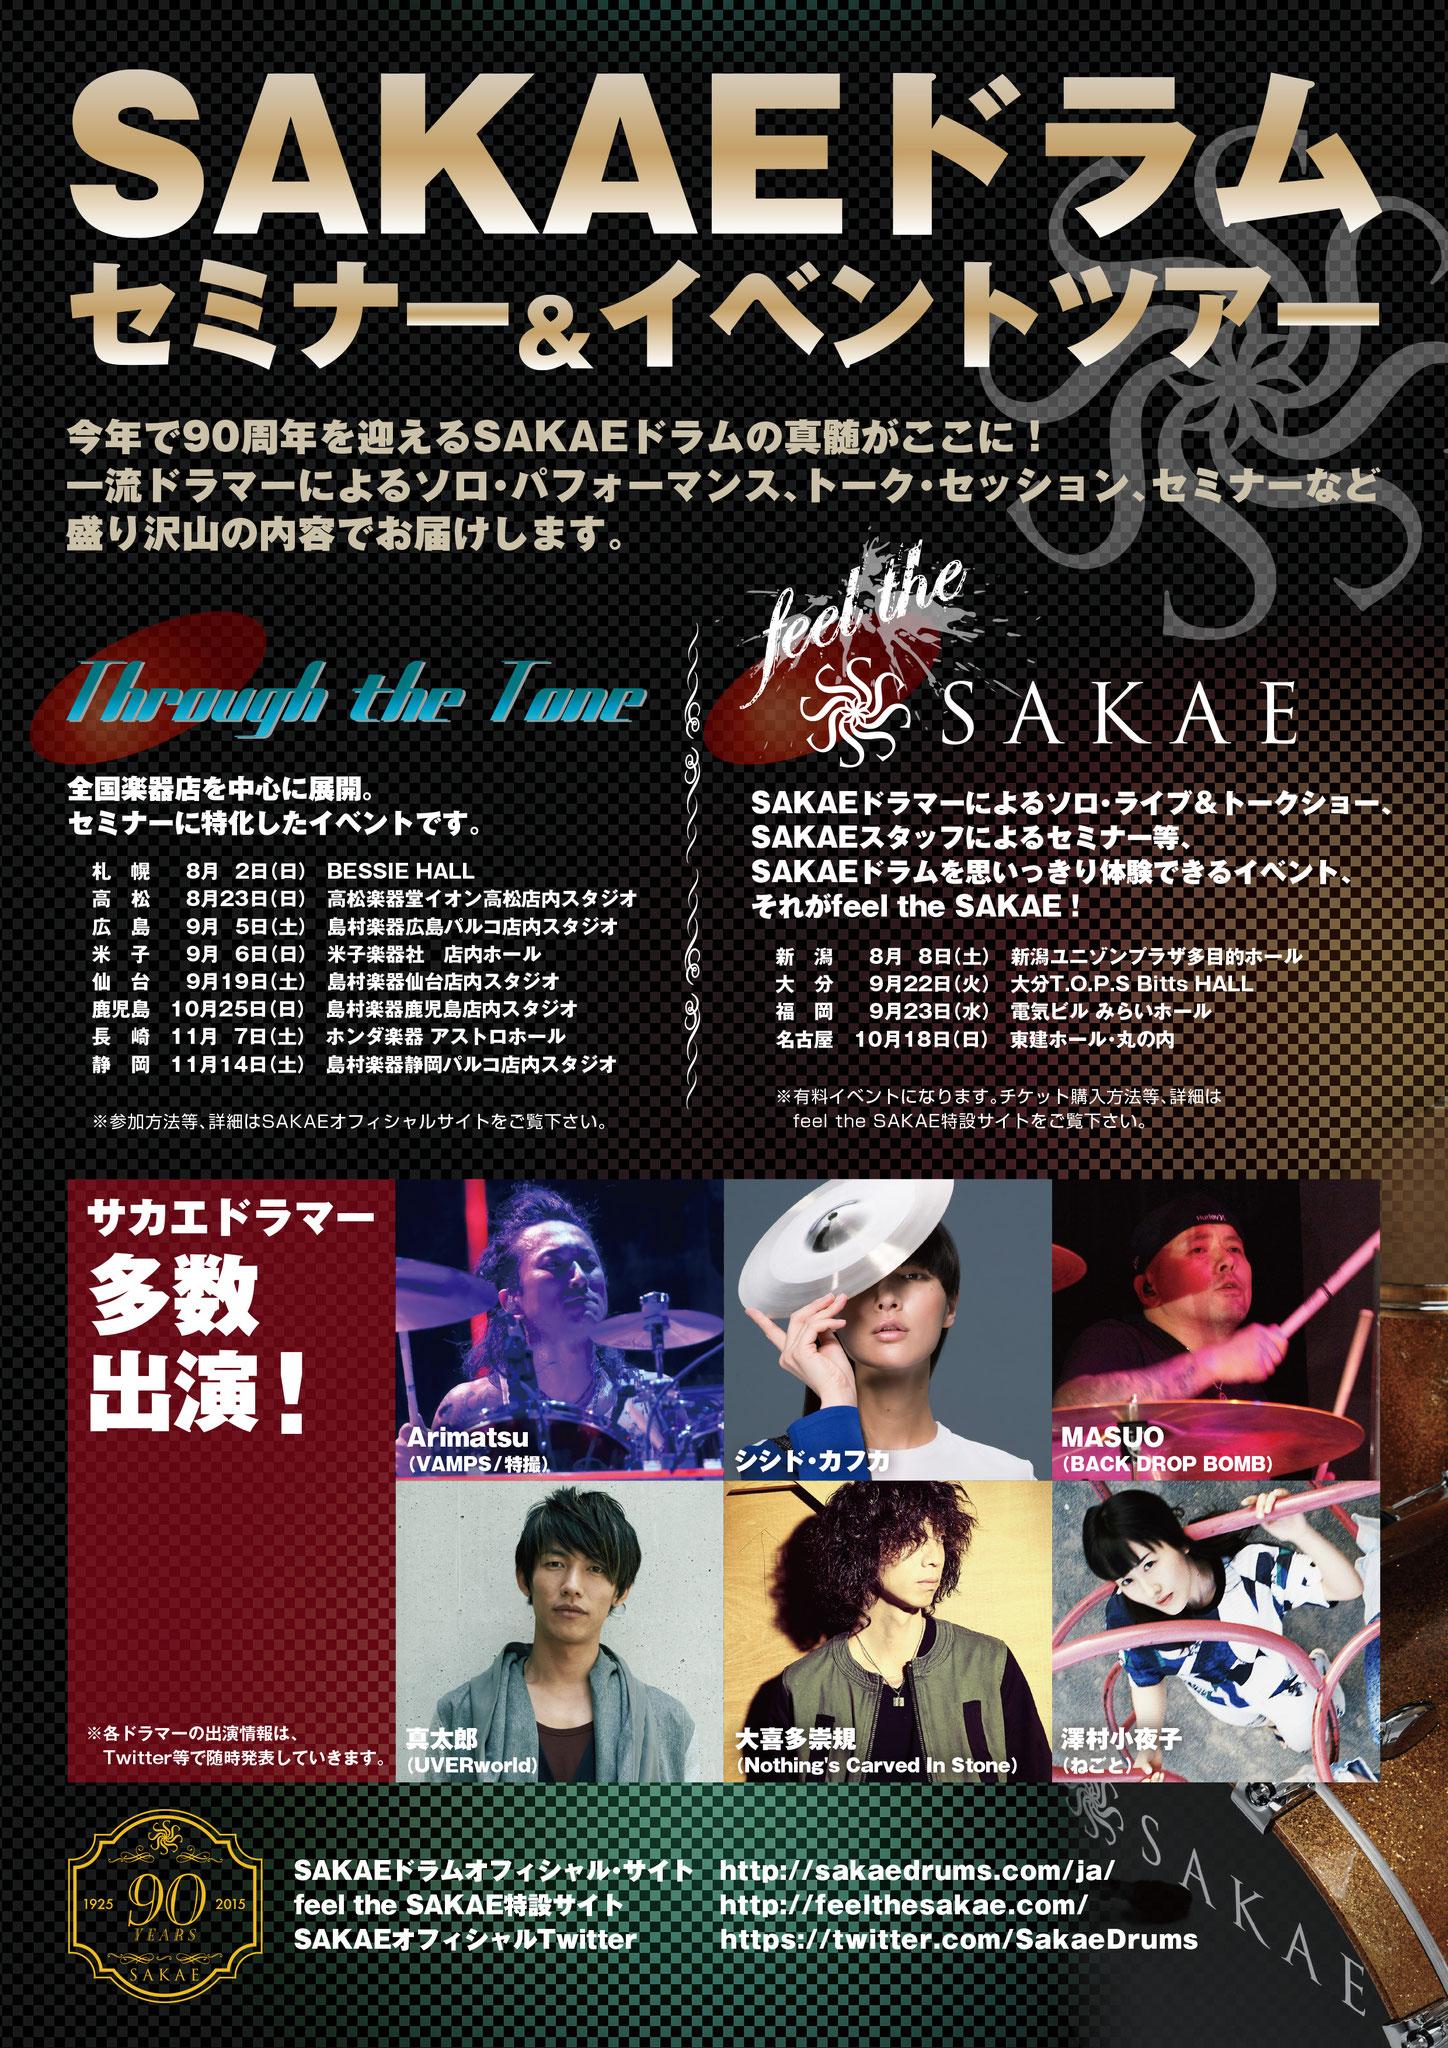 SAKAEドラム セミナー&イベントツアー(SAKAEドラム様/東京都)